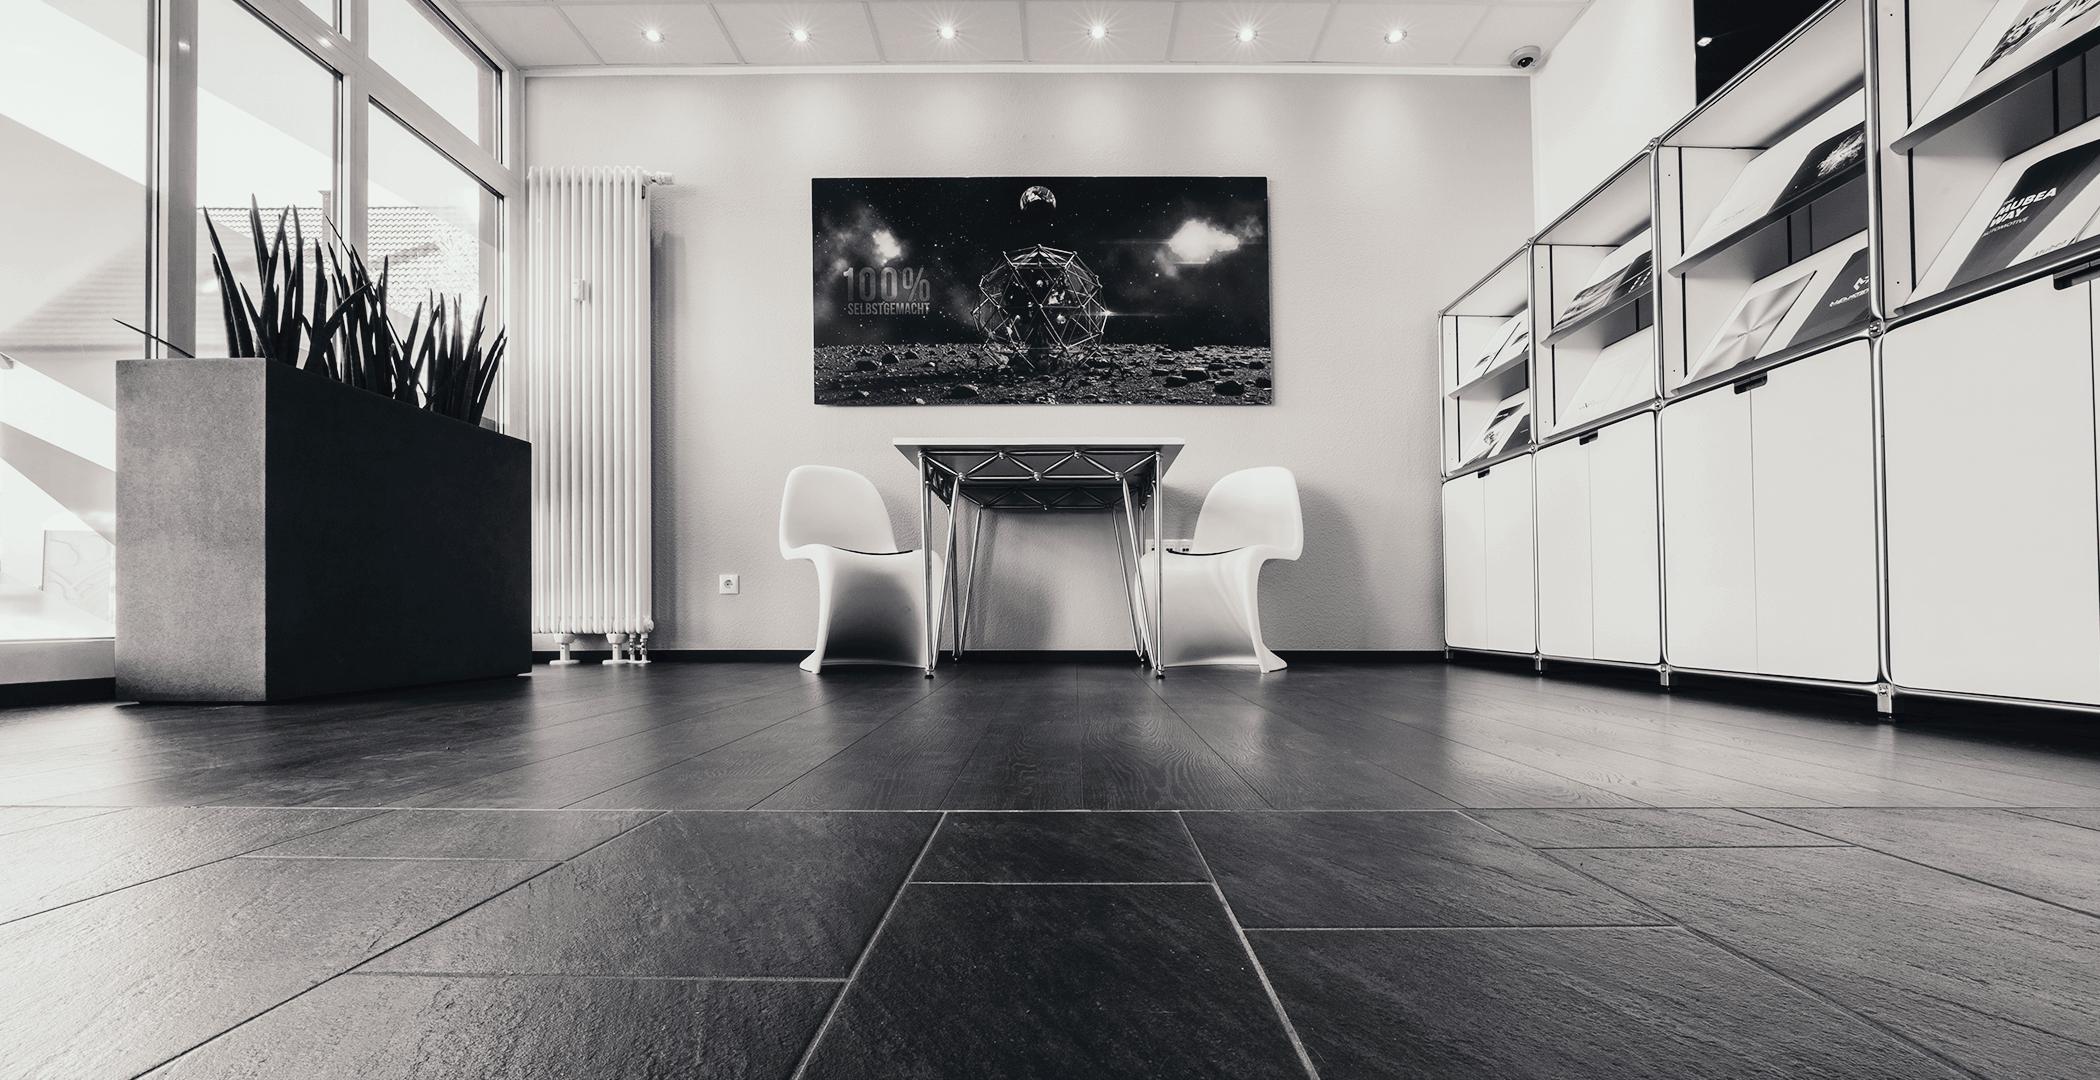 Agentur David Bock Marketing und Design ist bekannt für innovative und professionelle Inszenierungen von Marken und Unternehmen - Filmdesign